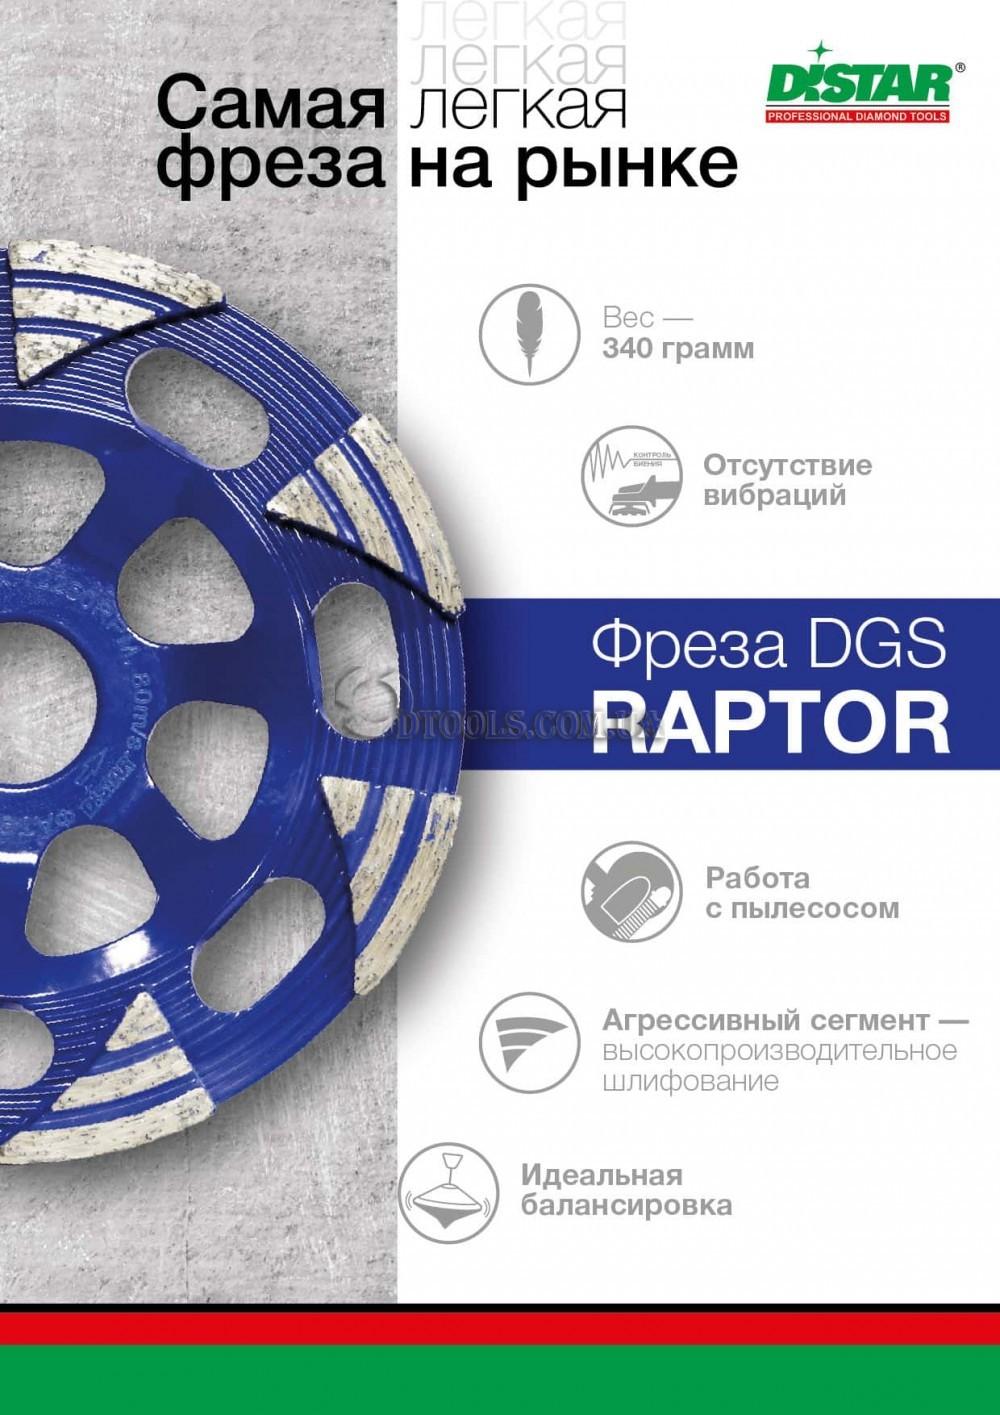 Алмазная шлифовальная фреза Distar Raptor 125 мм по бетону - 1